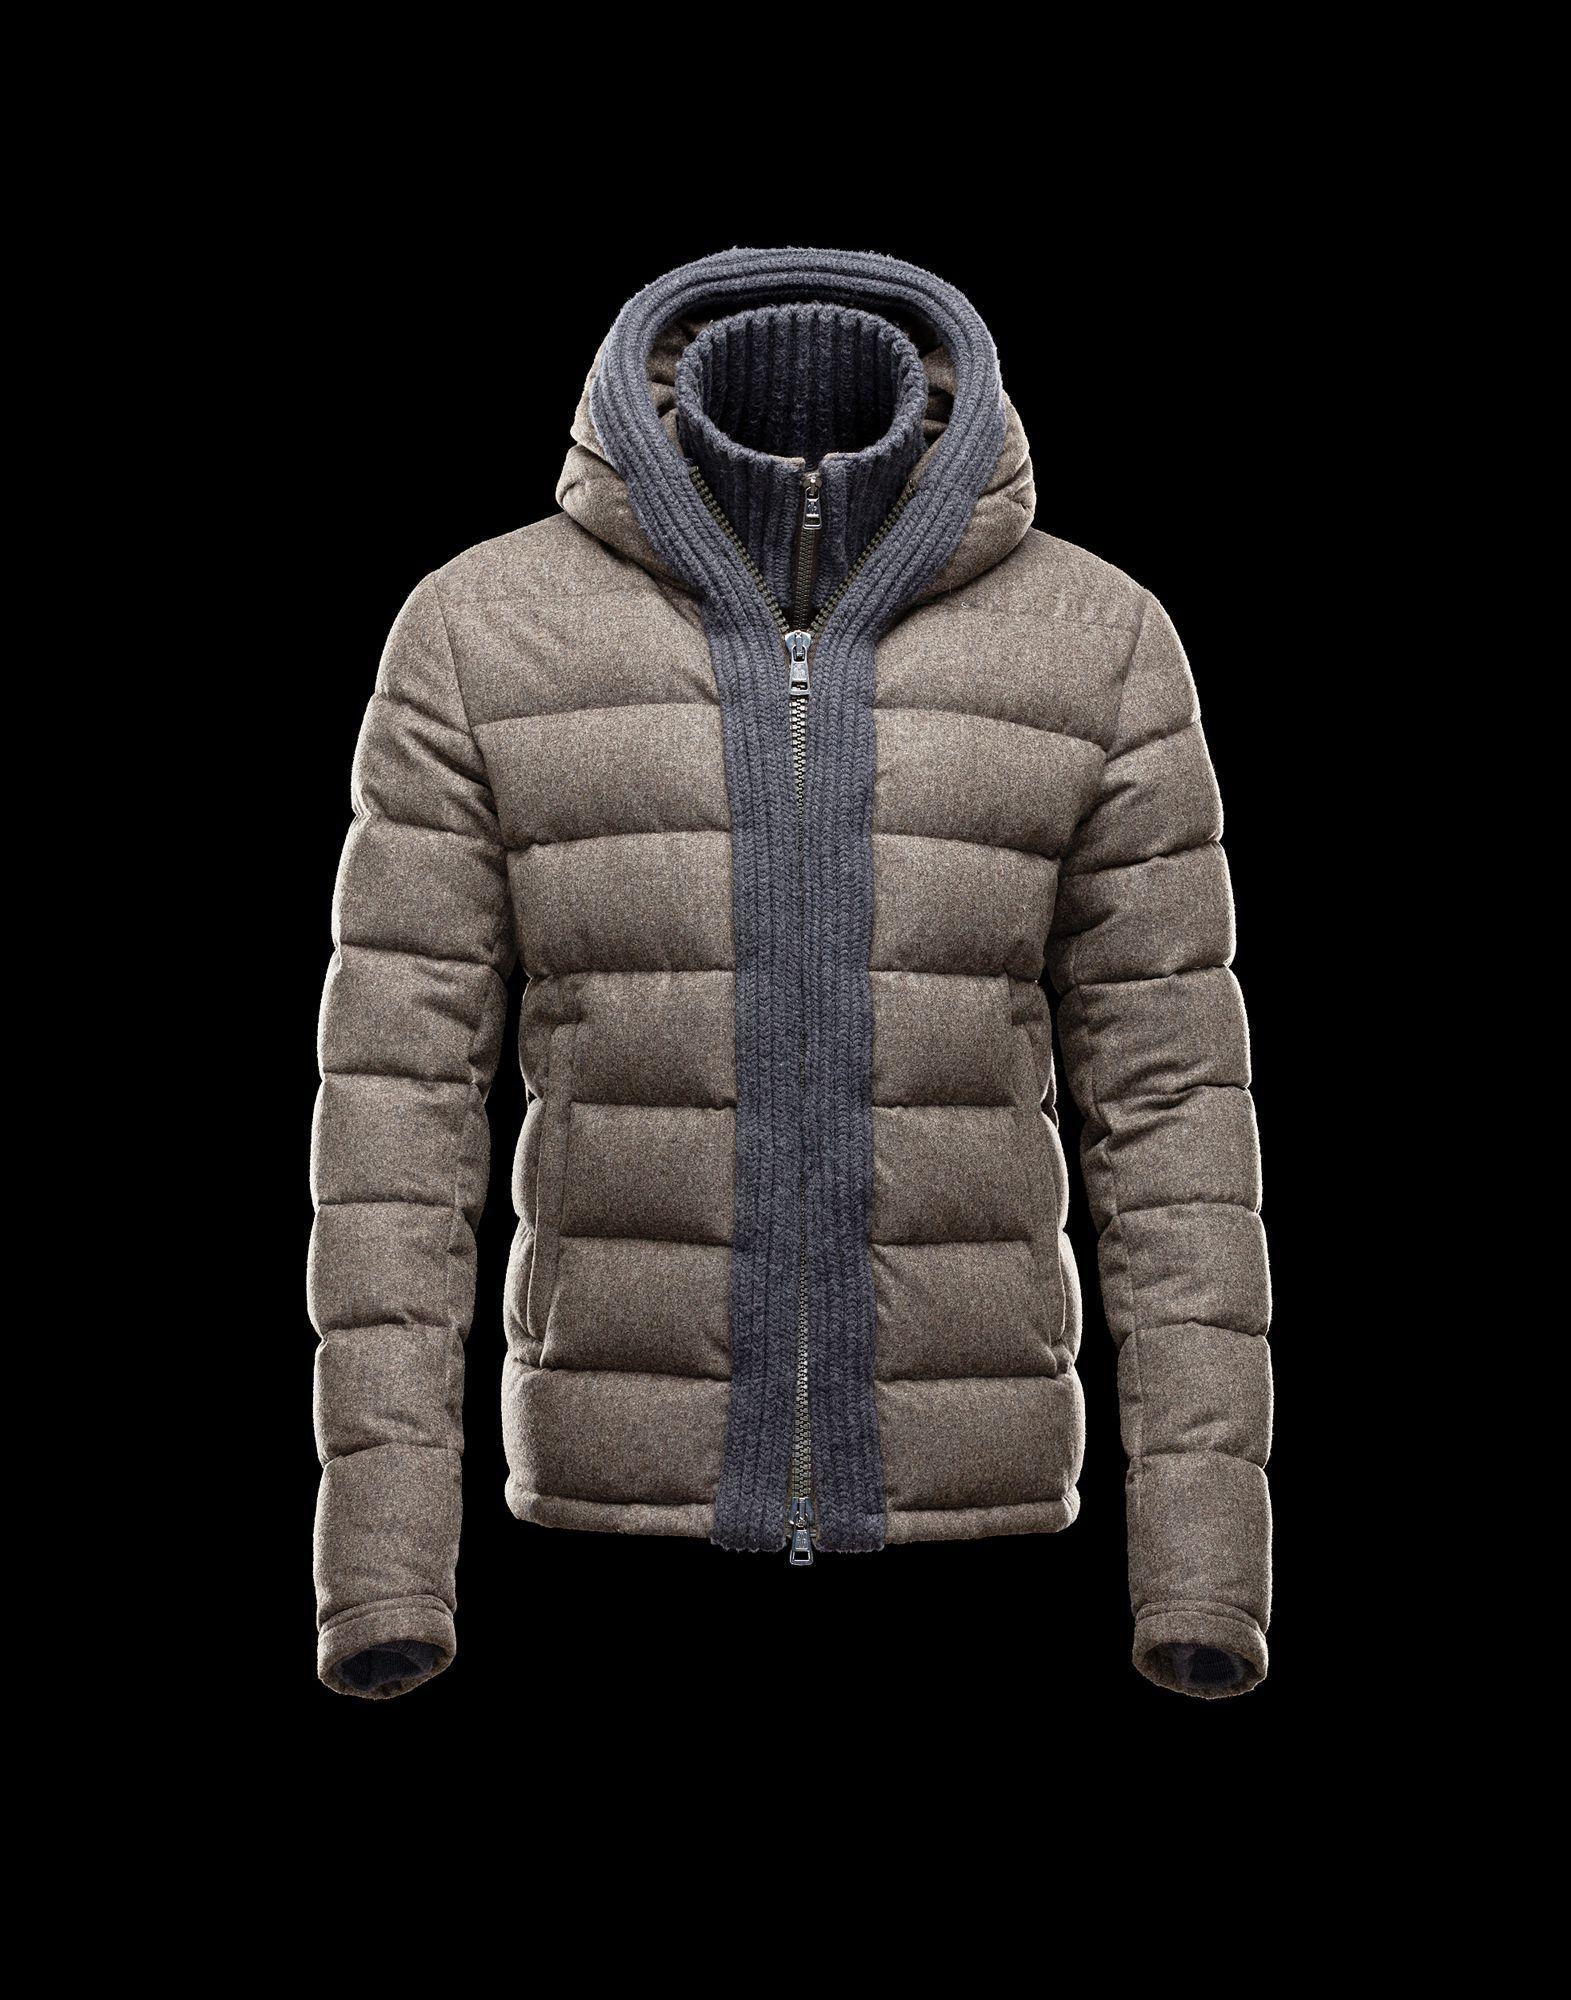 moncler summer jacket outlet